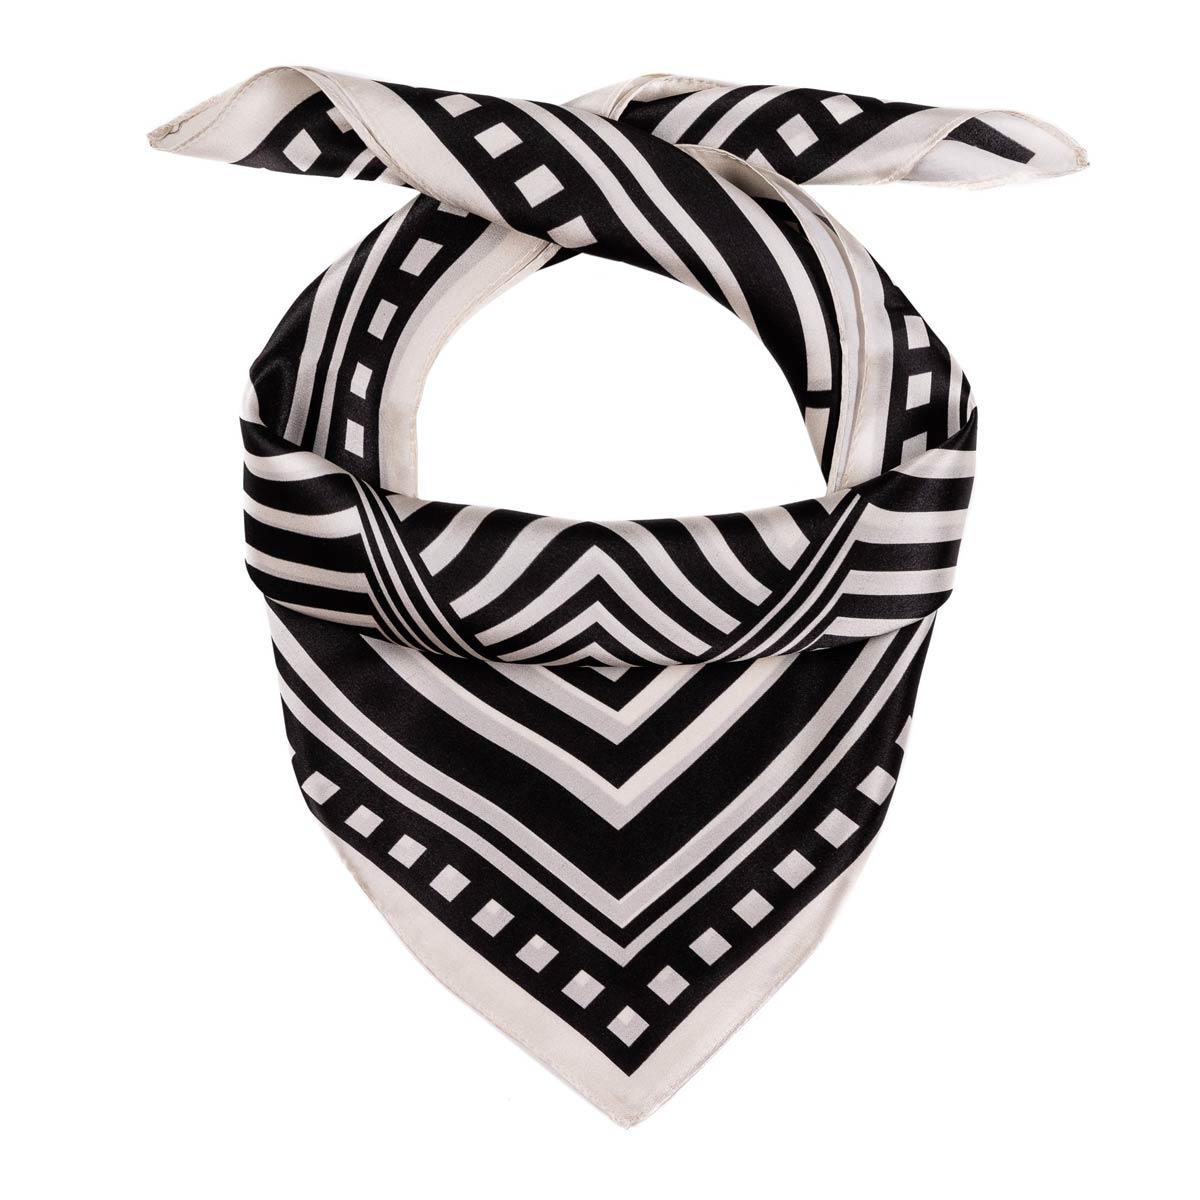 AT-06463_F12-1-carre-soie-geometrie-noir-et-blanc